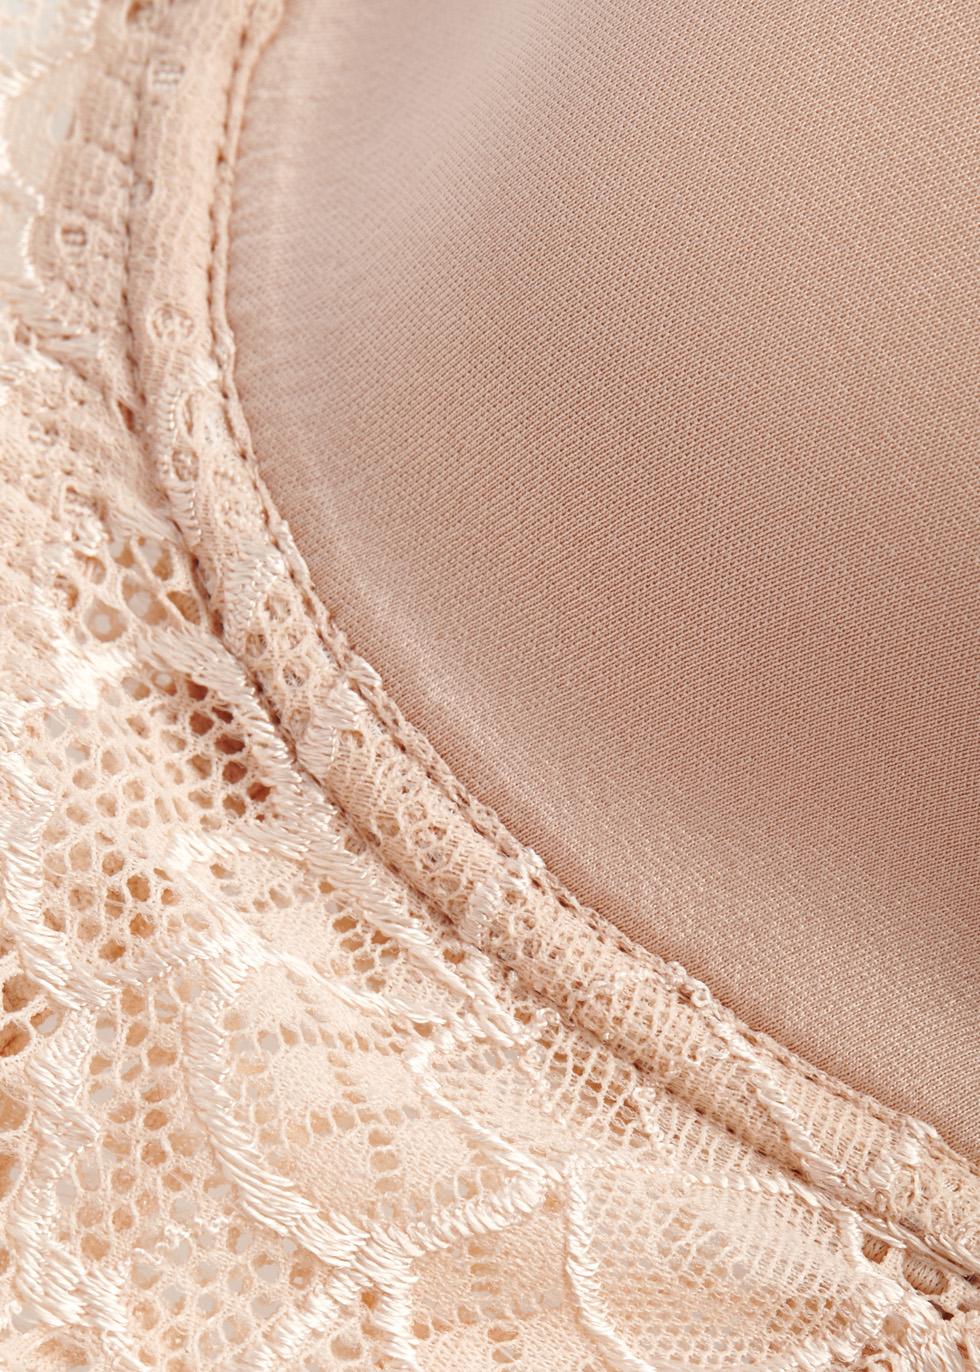 Caresse blush 3D Spacer contour bra - Simone Pérèle